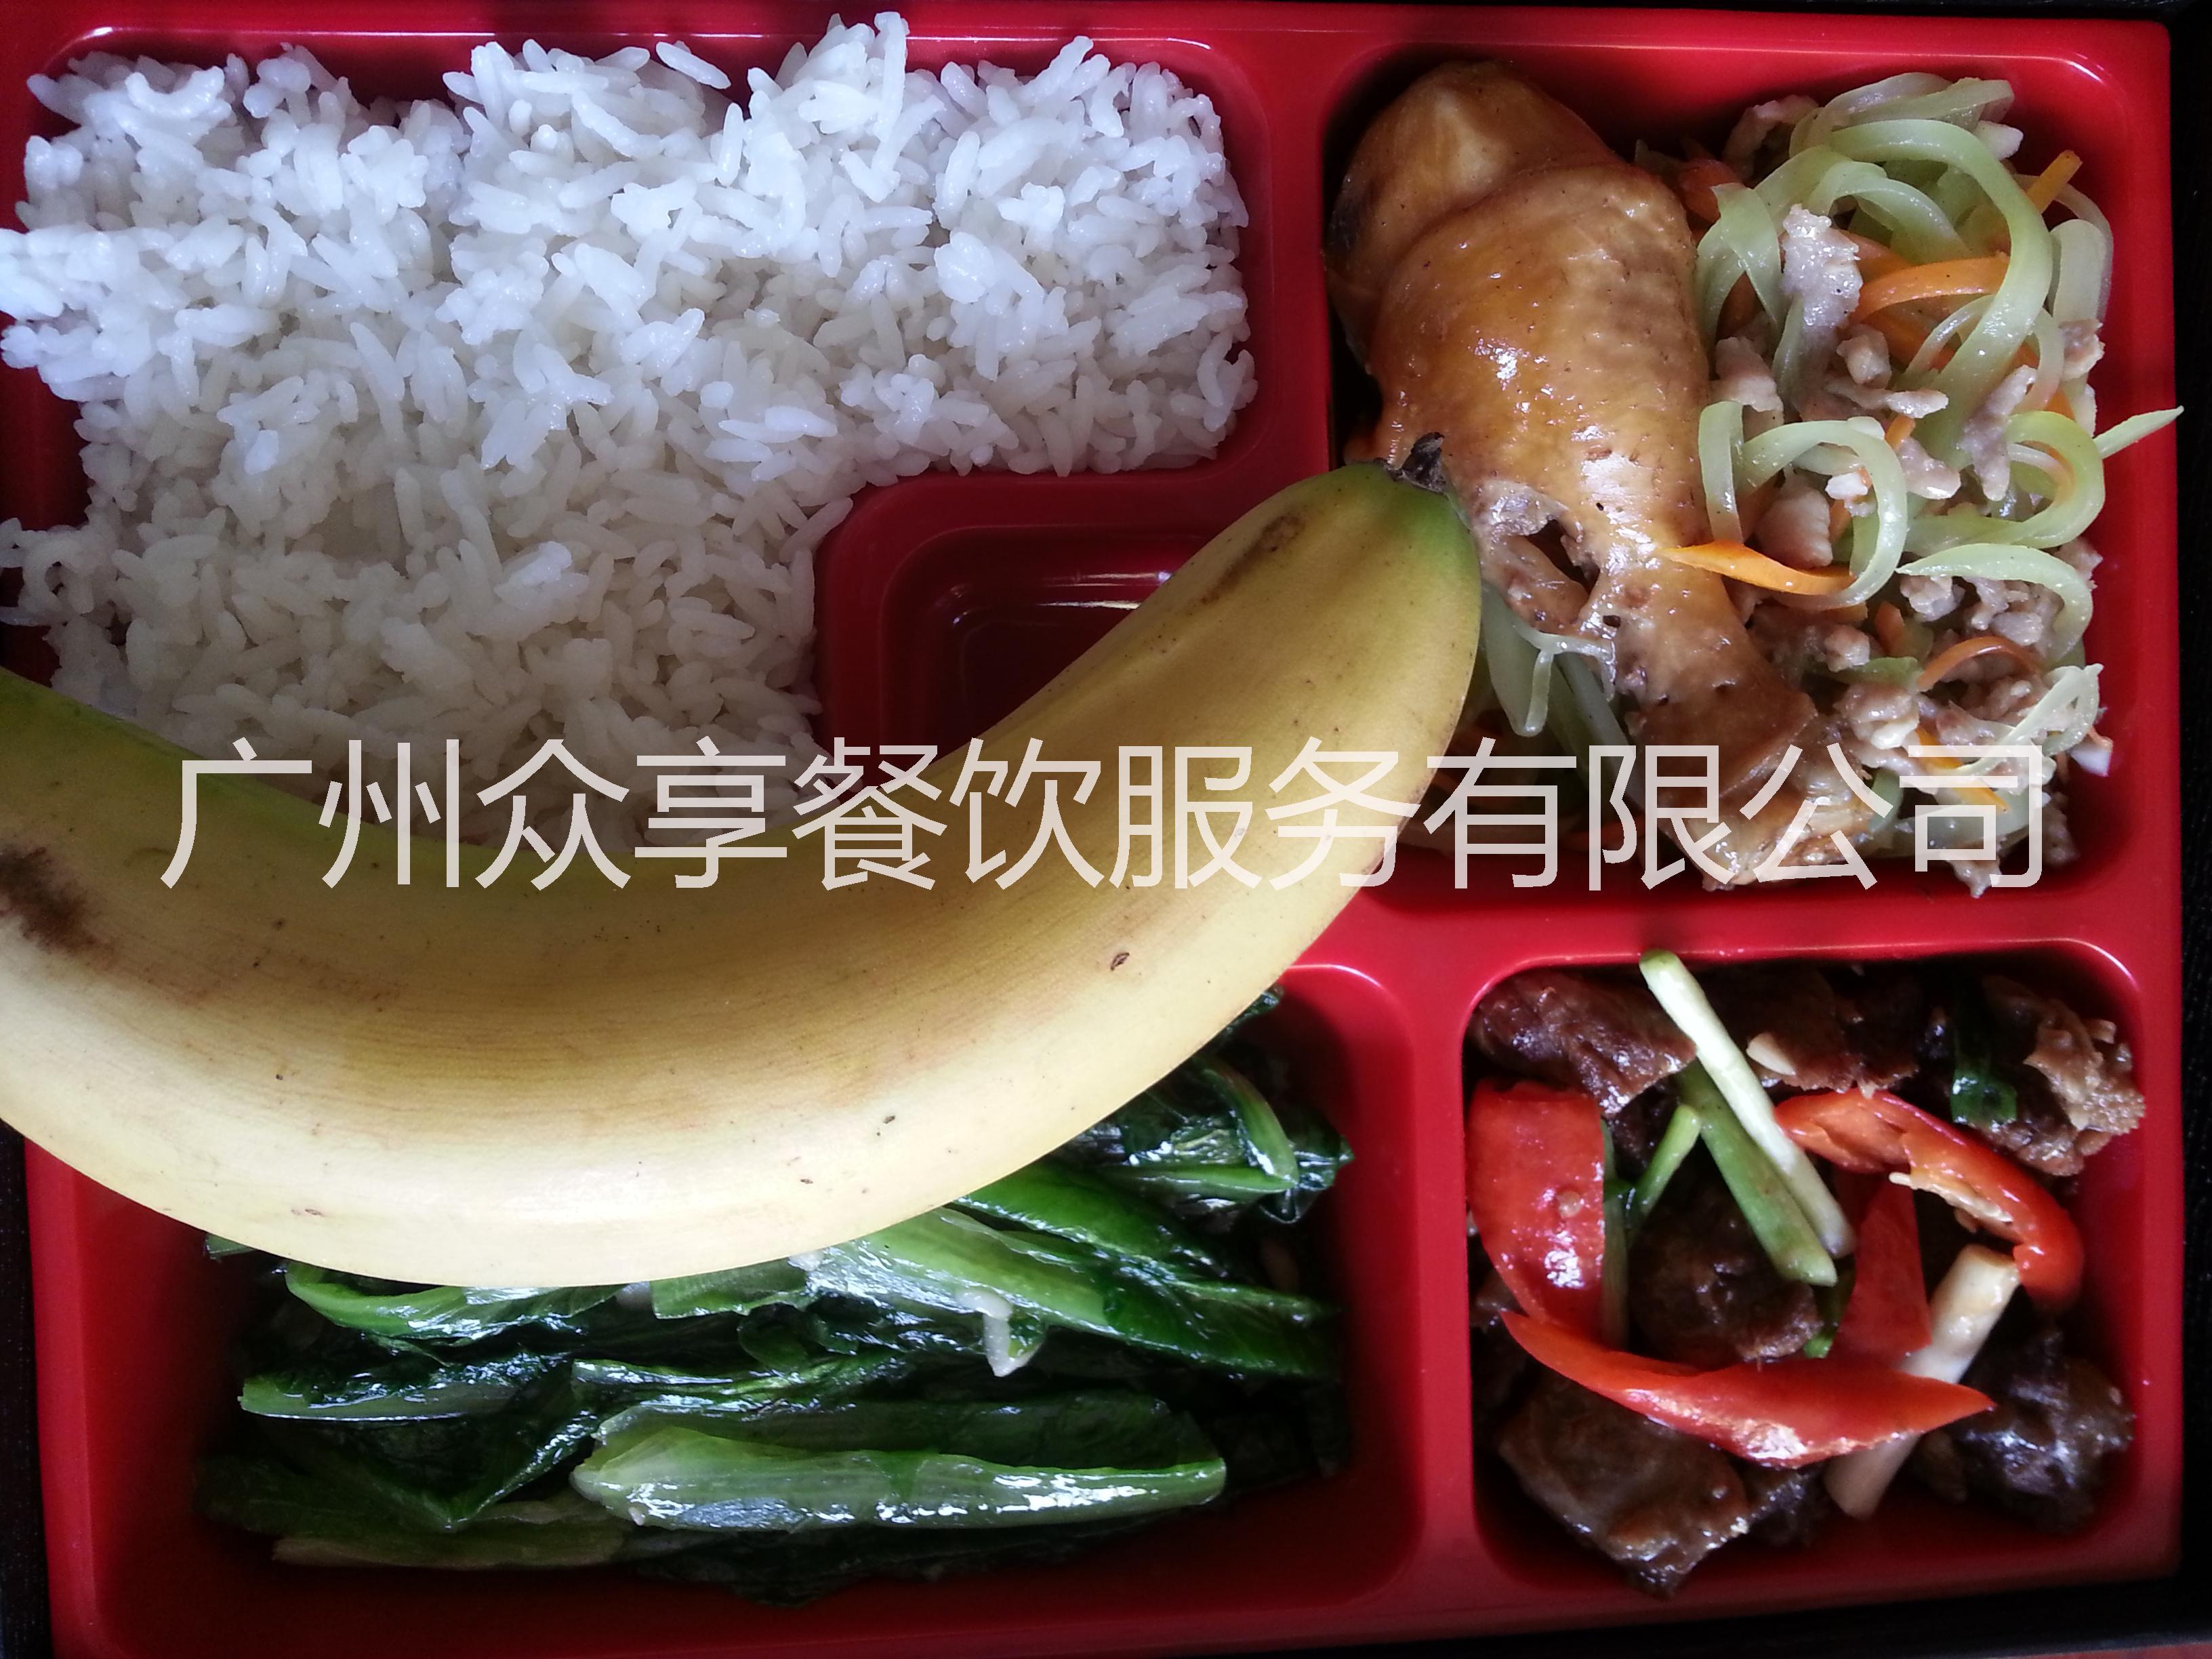 广州黄埔区餐饮配送公司